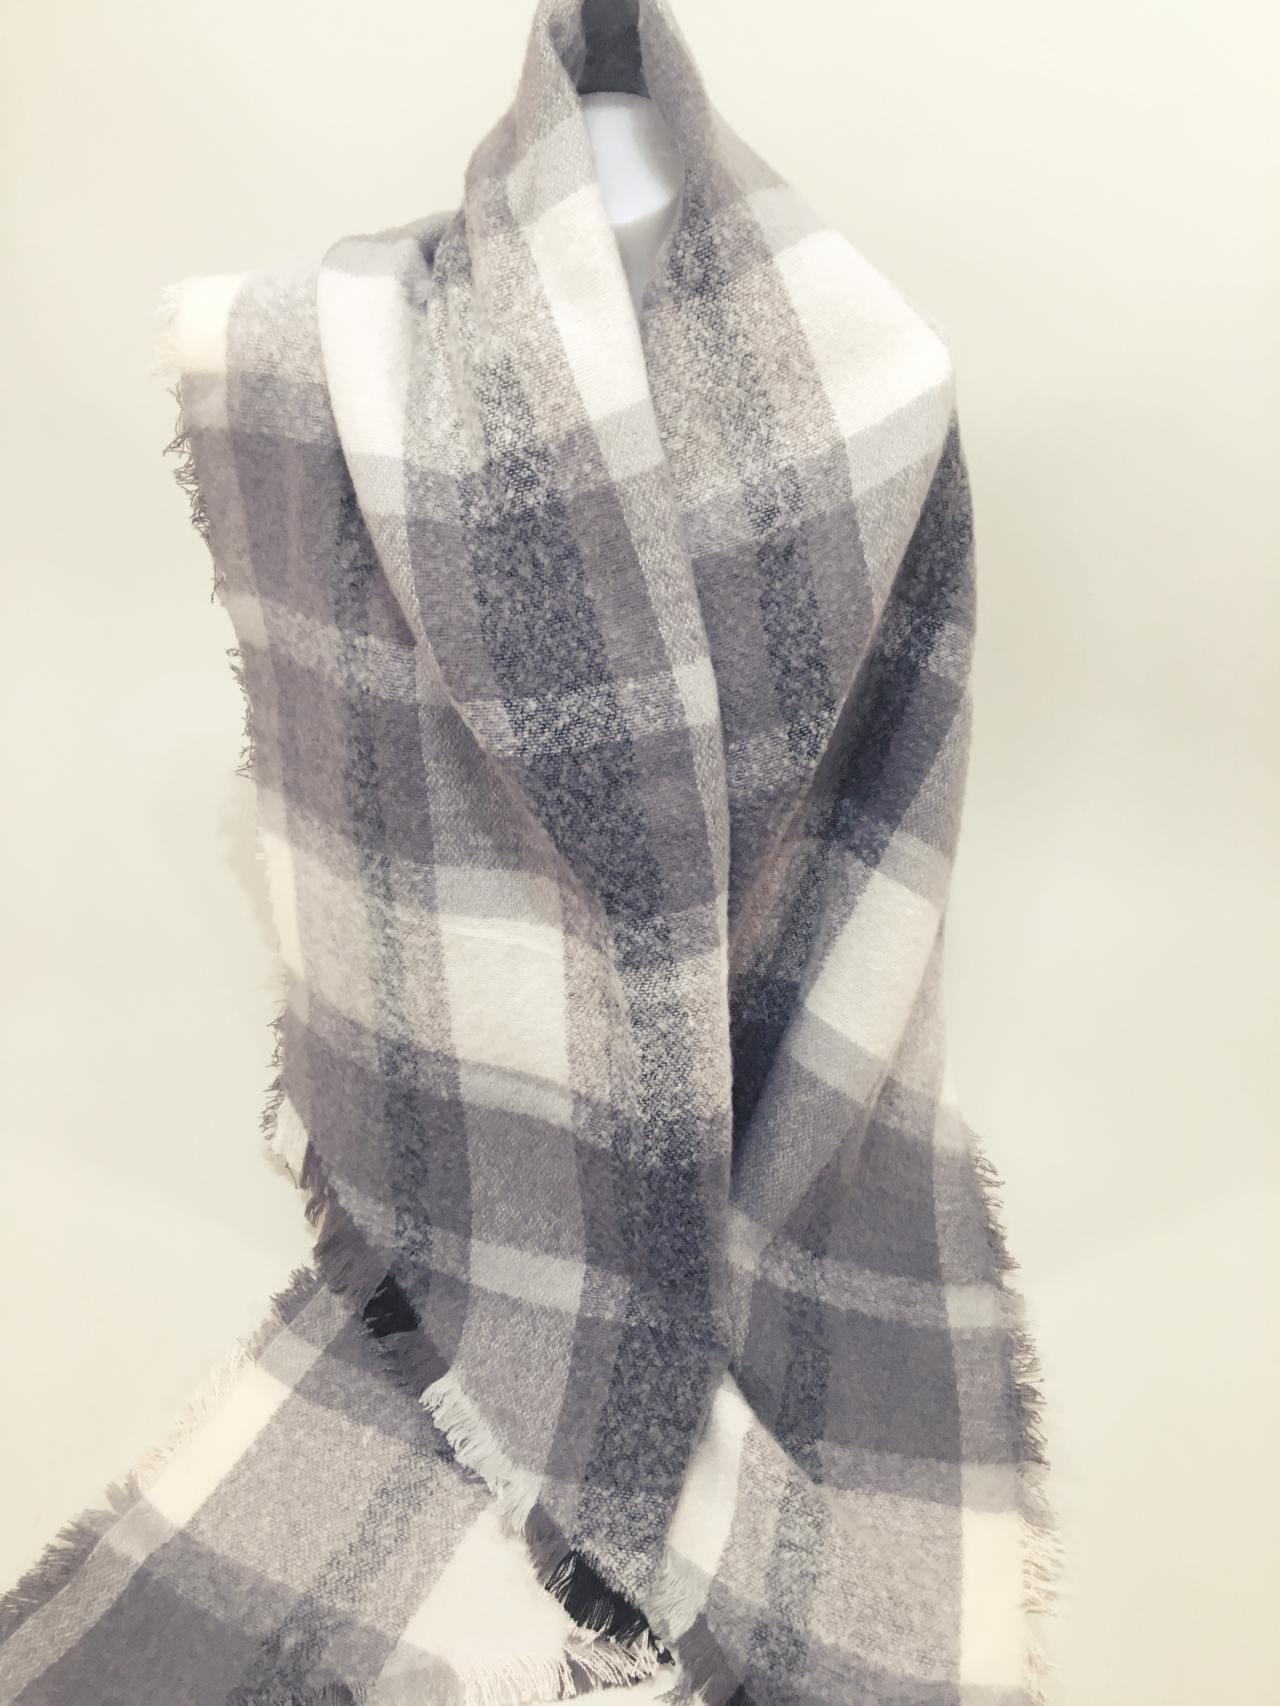 c95a5470cc6 Teplá károvaná šála šedo bílá – Simm-Fashion.cz